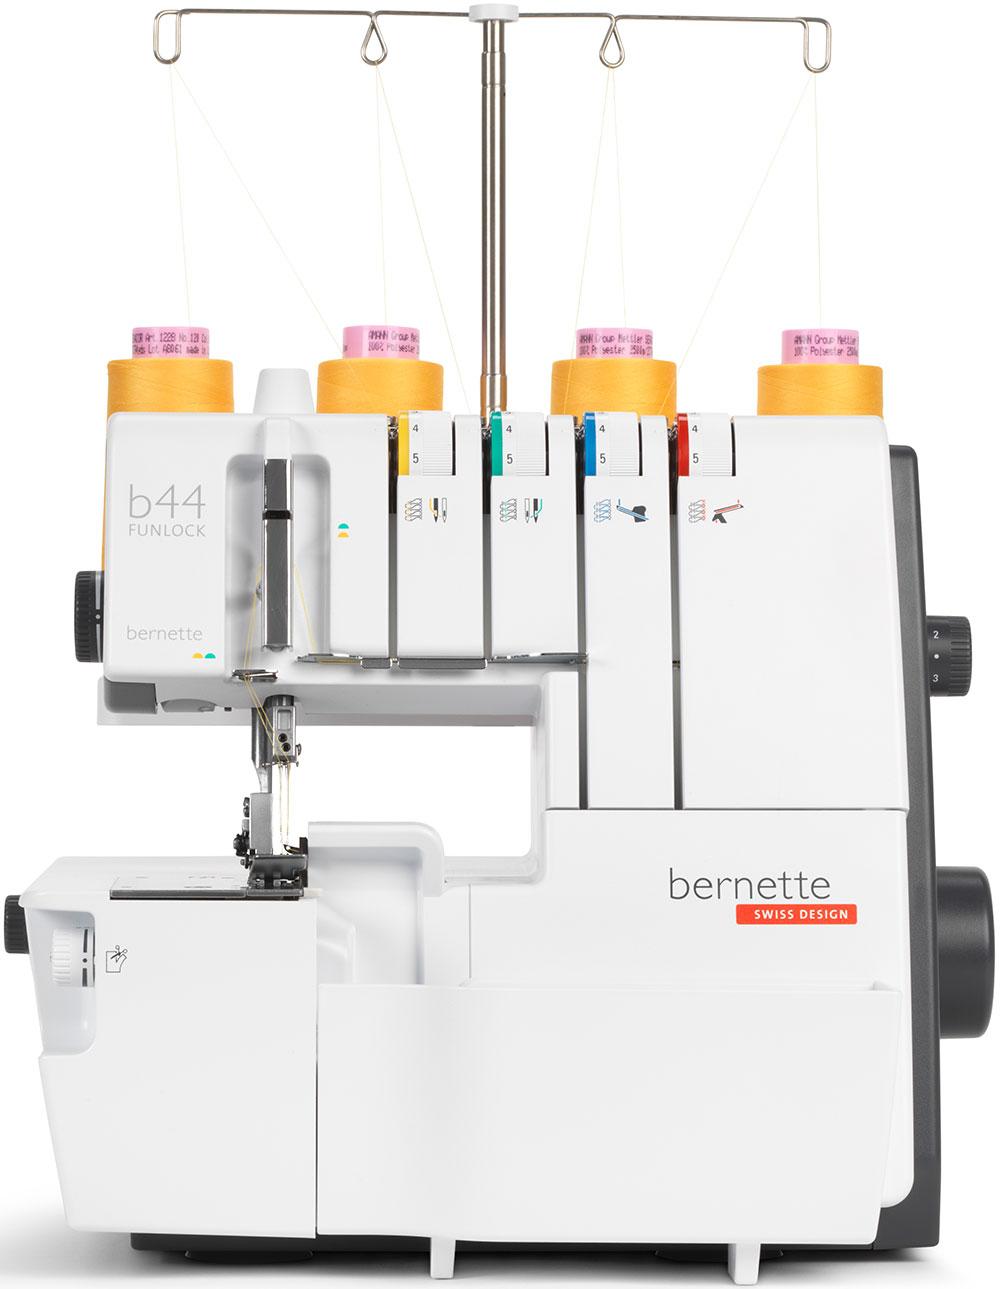 bernina-bernette-funlock-b44-lock-1